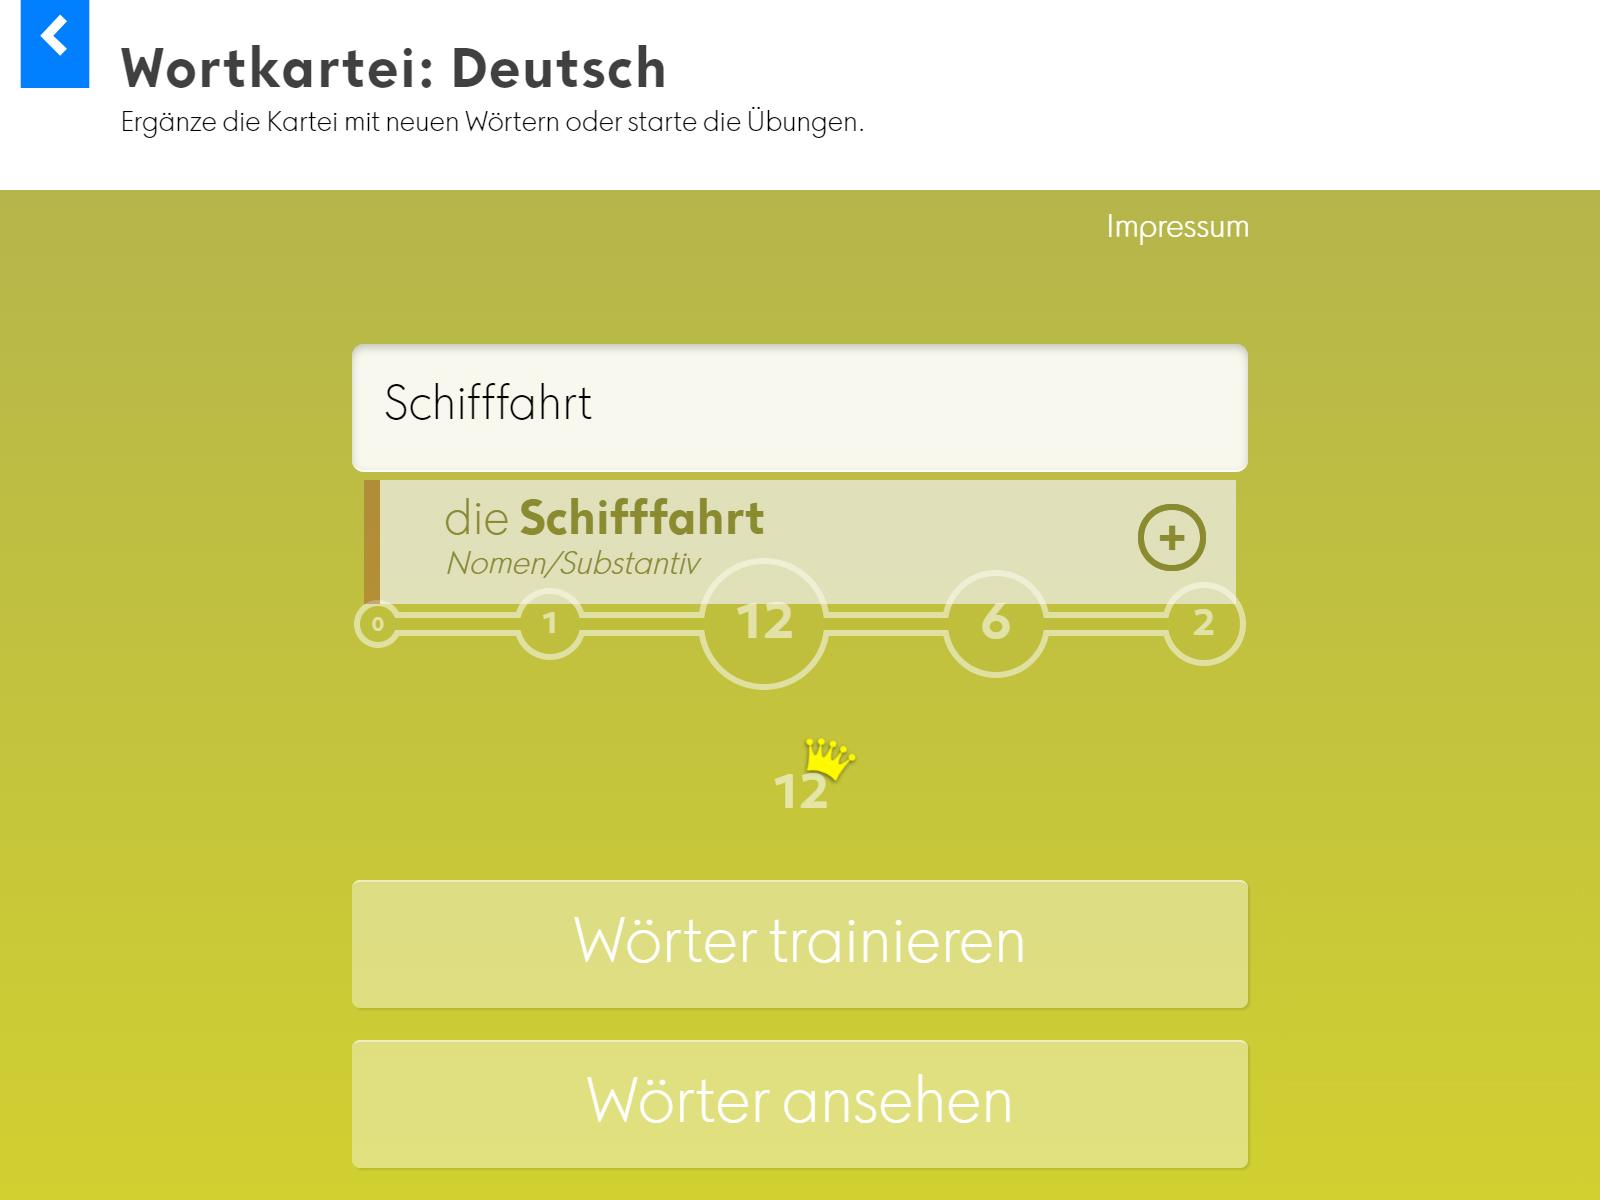 Wortkartei: Deutsch Background 1